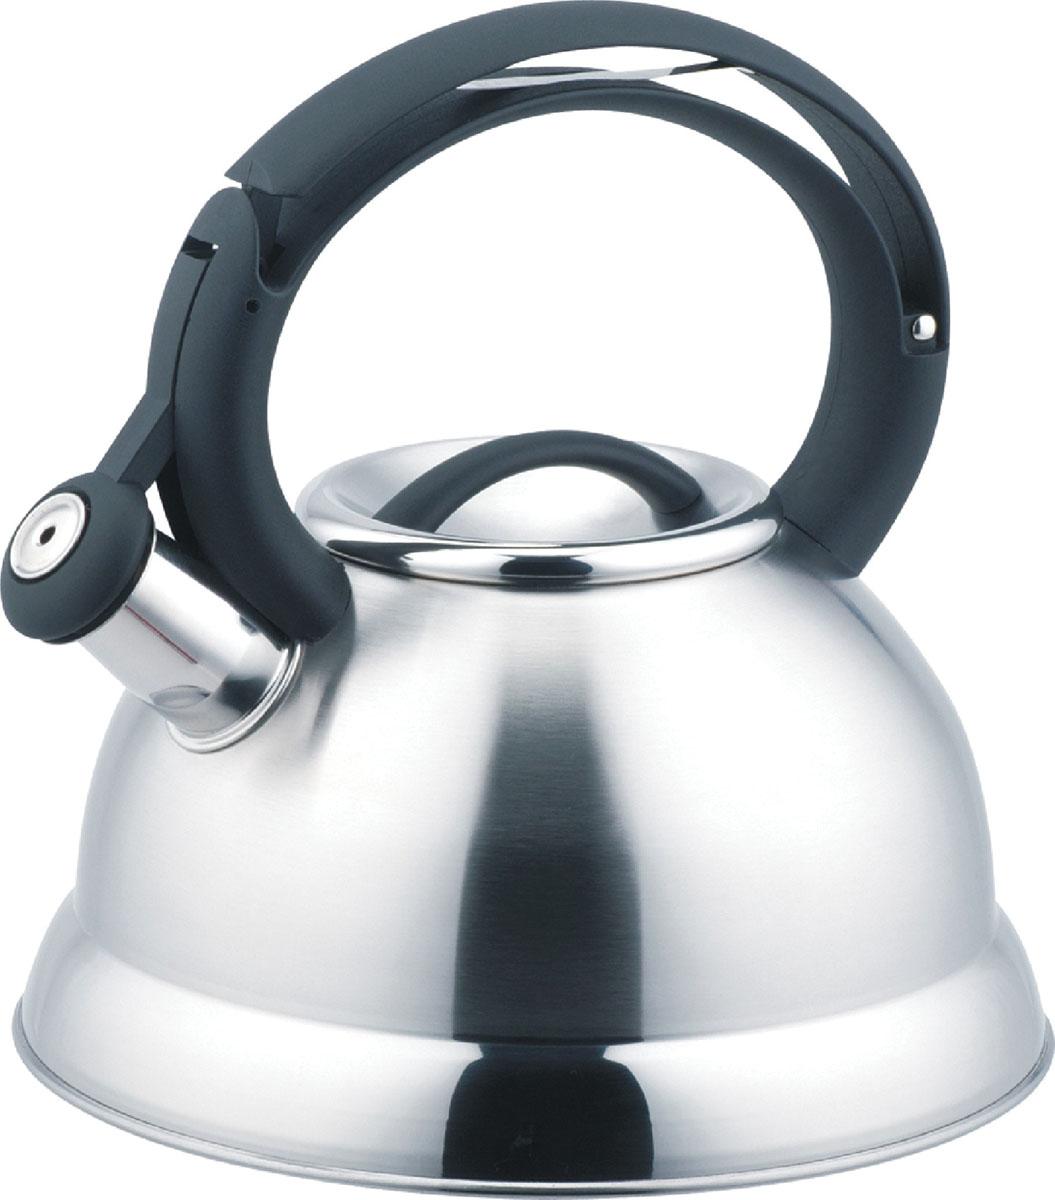 Чайник Bekker De Luxe со свистком, 2,6 л. BK-S404BK-S404Чайник Bekker De Luxe изготовлен из высококачественной нержавеющей стали 18/10. Поверхность матовая с зеркальной полосой по нижнему краю. Капсулированное дно распределяет тепло по всей поверхности, что позволяет чайнику быстро закипать. Эргономичная фиксированная ручка выполнена из бакелита черного цвета. Носик оснащен откидным свистком, который подскажет, когда вода закипела. Свисток открывается нажатием на рукоятку. Подходит для всех типов плит, включая индукционные. Можно мыть в посудомоечной машине.